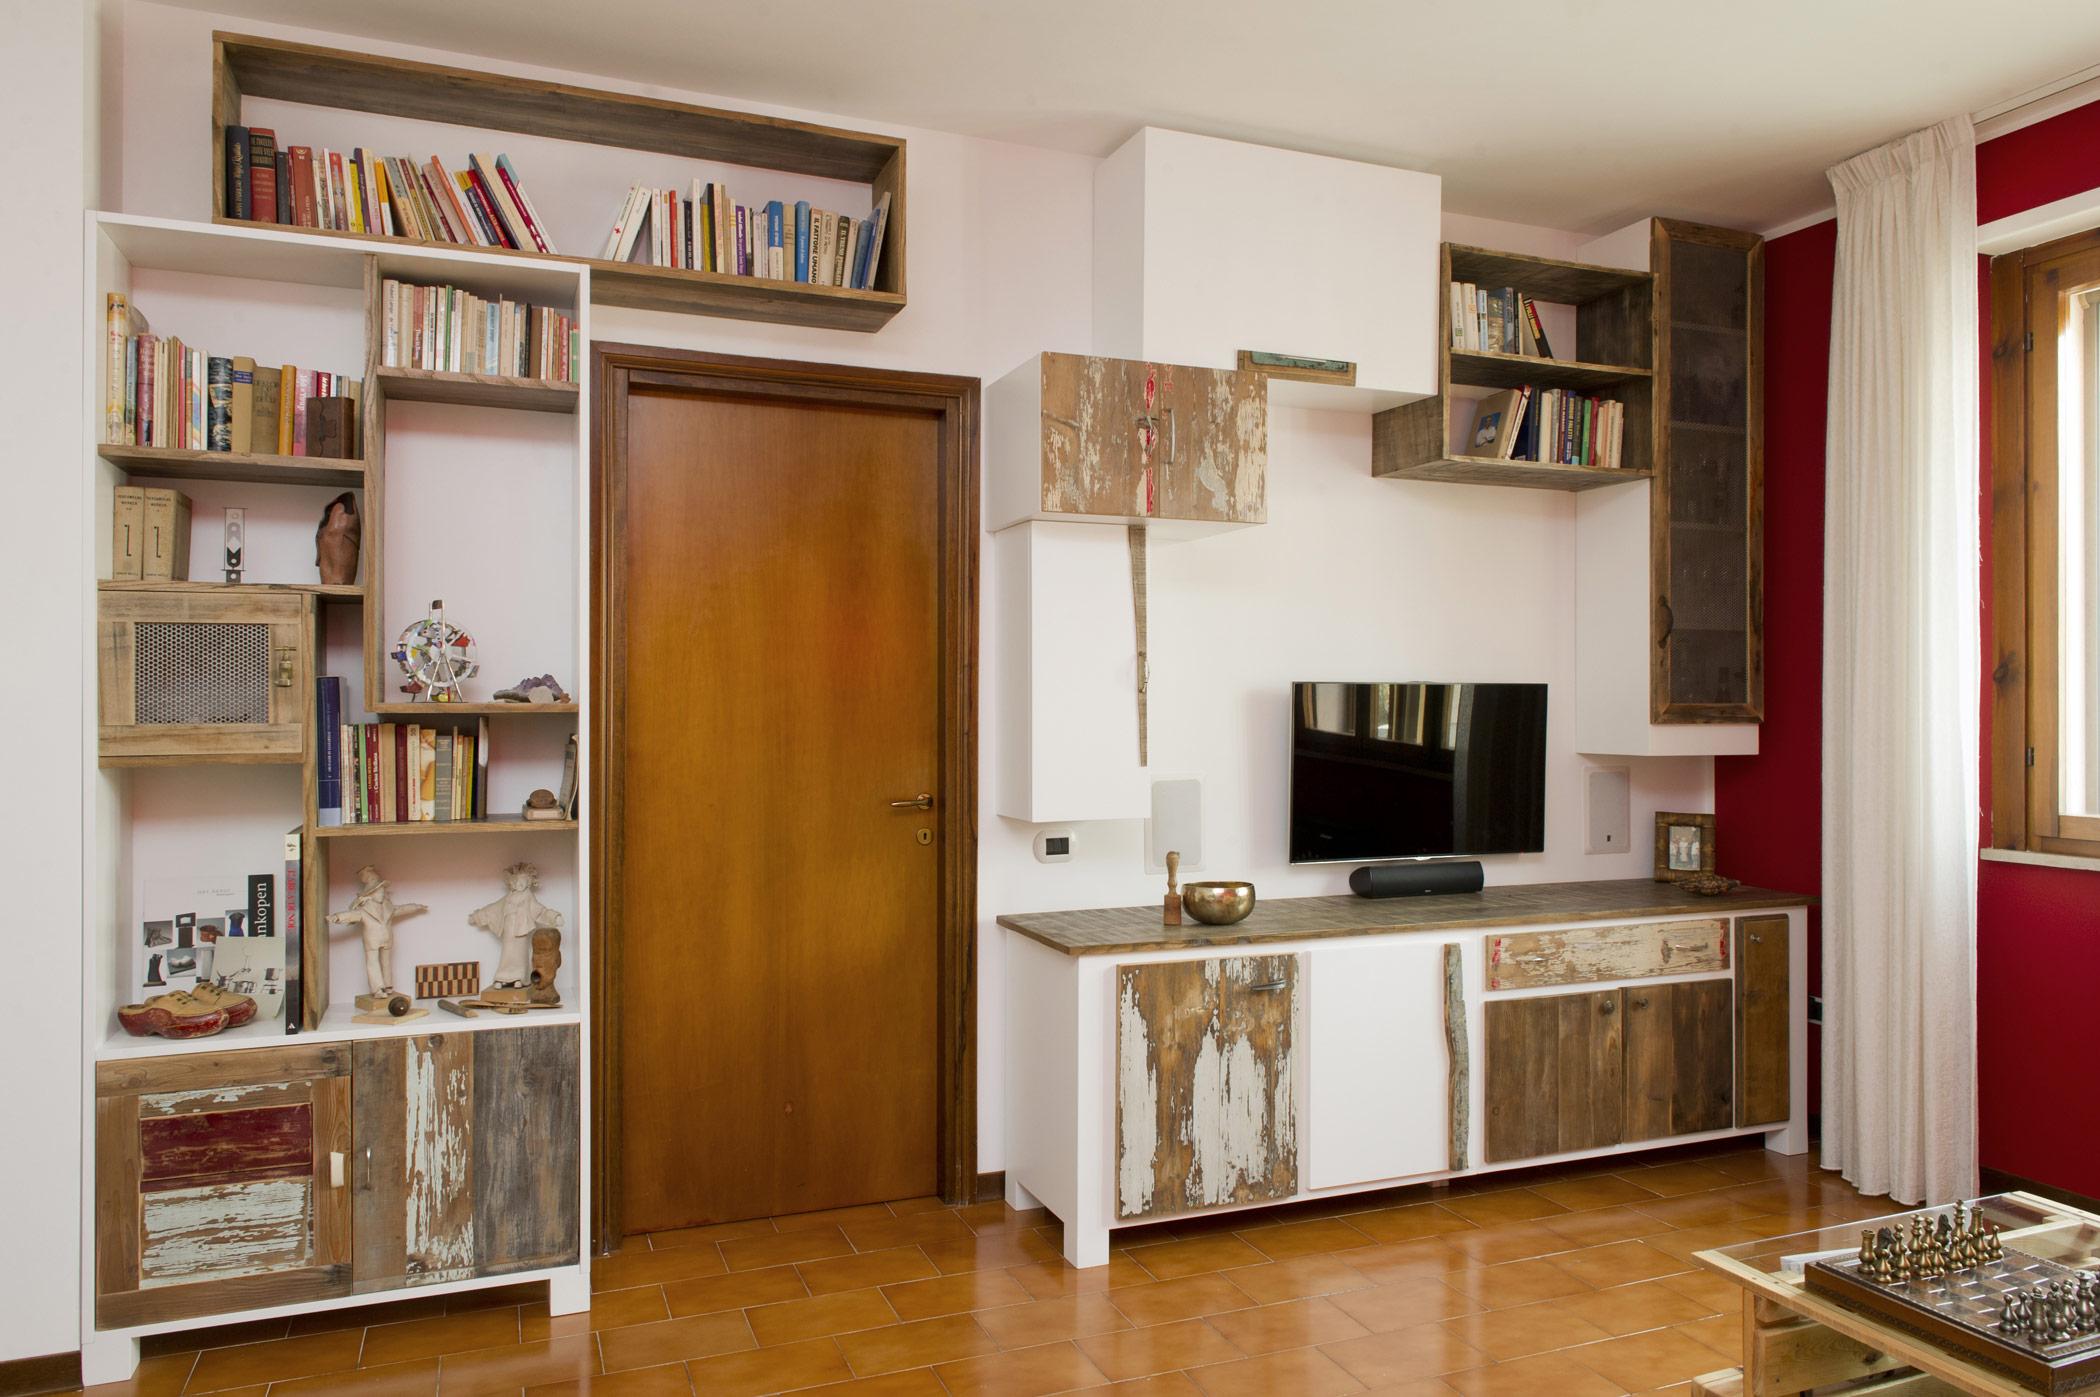 Armadiatura e parete attrezzata su misura in legno recuperato vintage